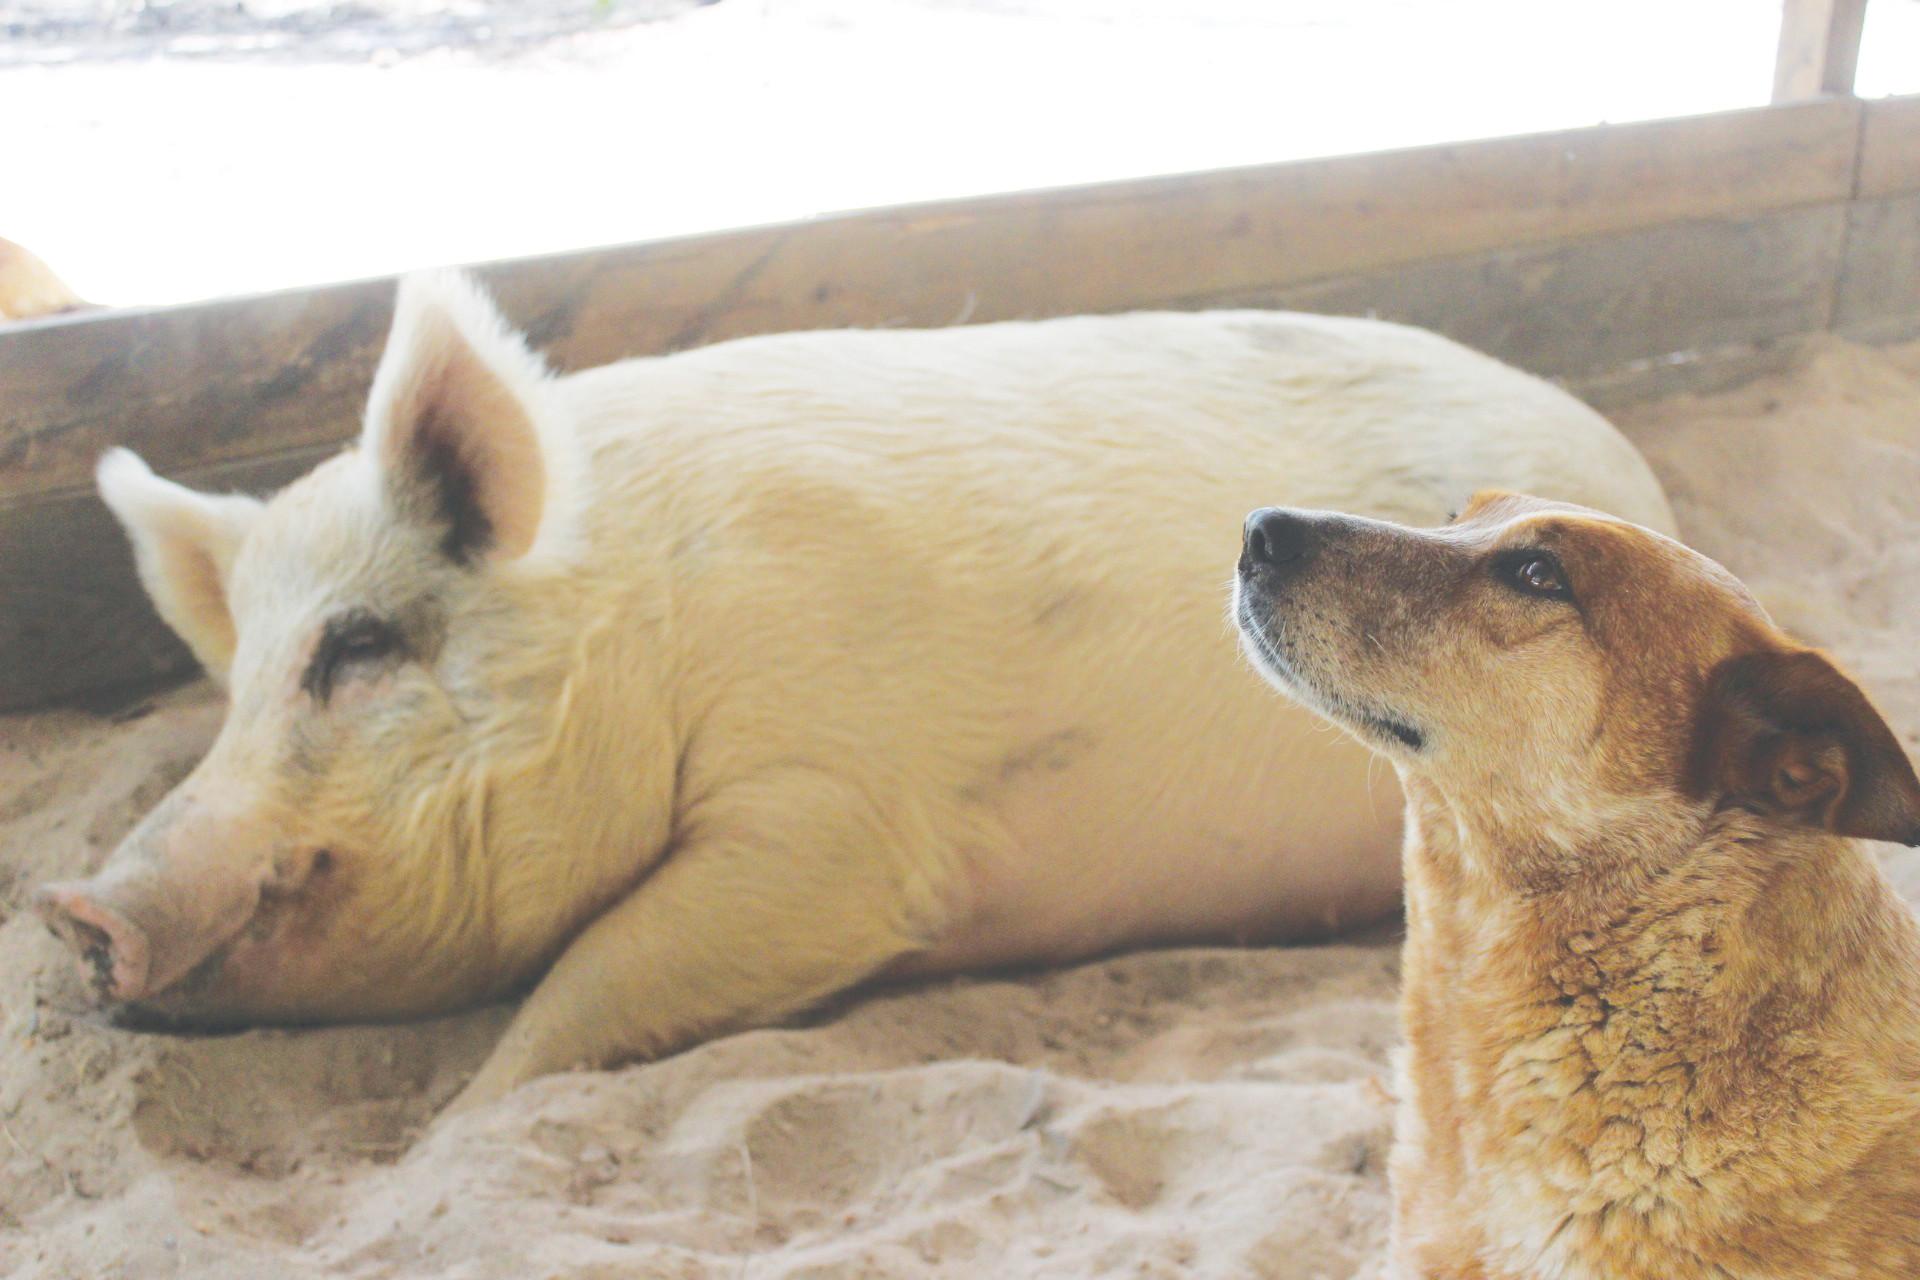 Fullsize Of Pig The Dog